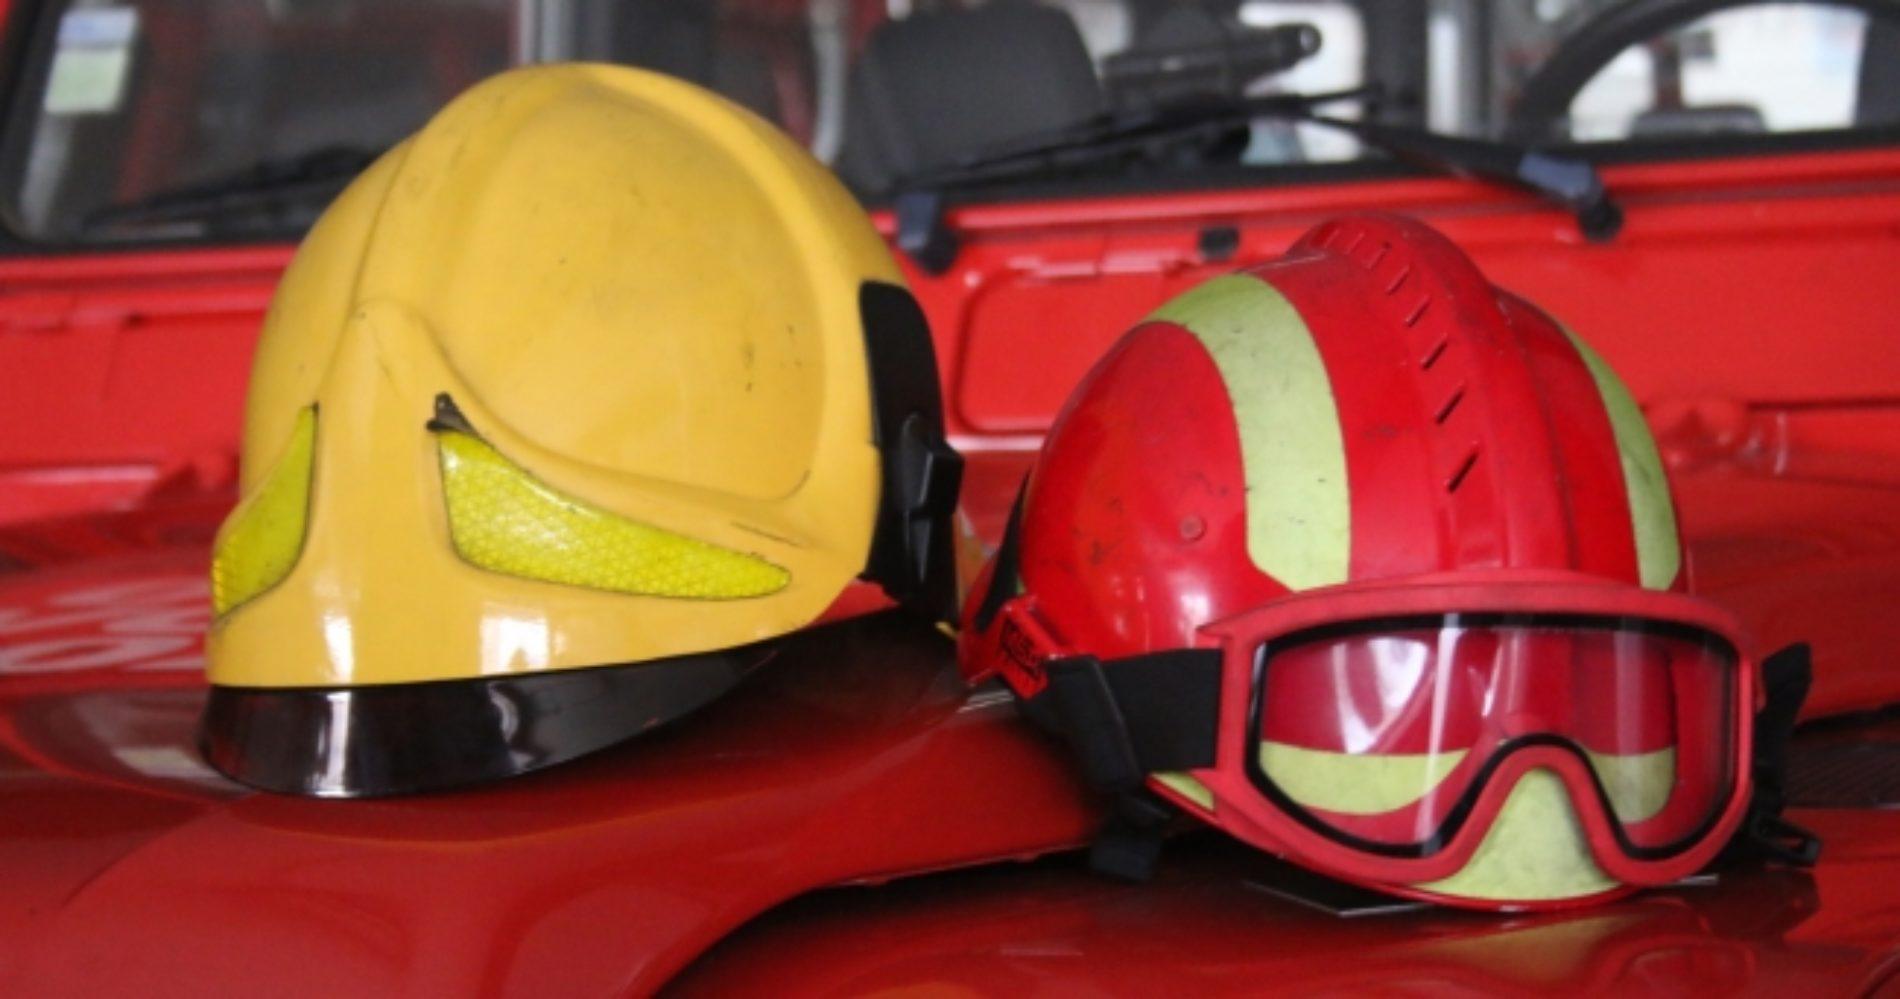 Desde o início do ano ocorreram cinco incêndios em habitações em Oliveira do Hospital. No distrito foram 120